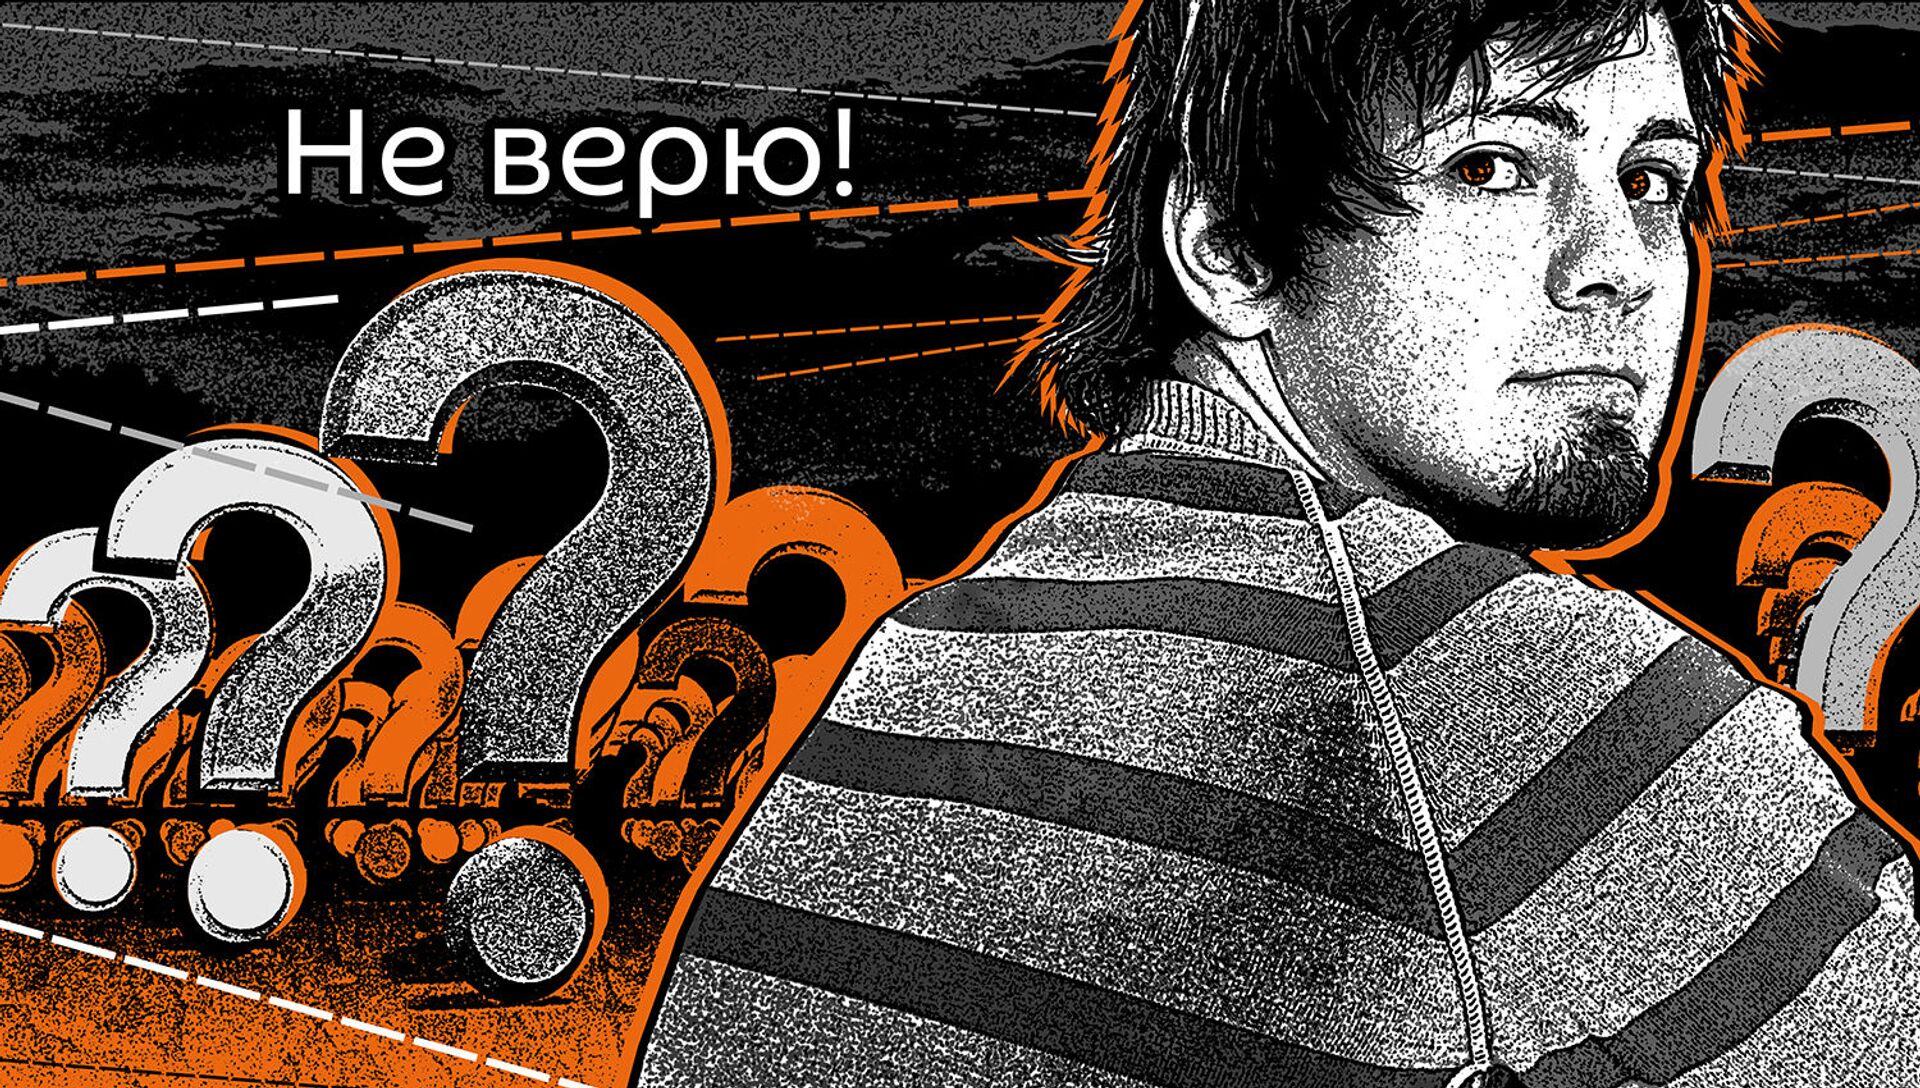 Подкасты РИА Не верю - Sputnik Беларусь, 1920, 08.05.2021